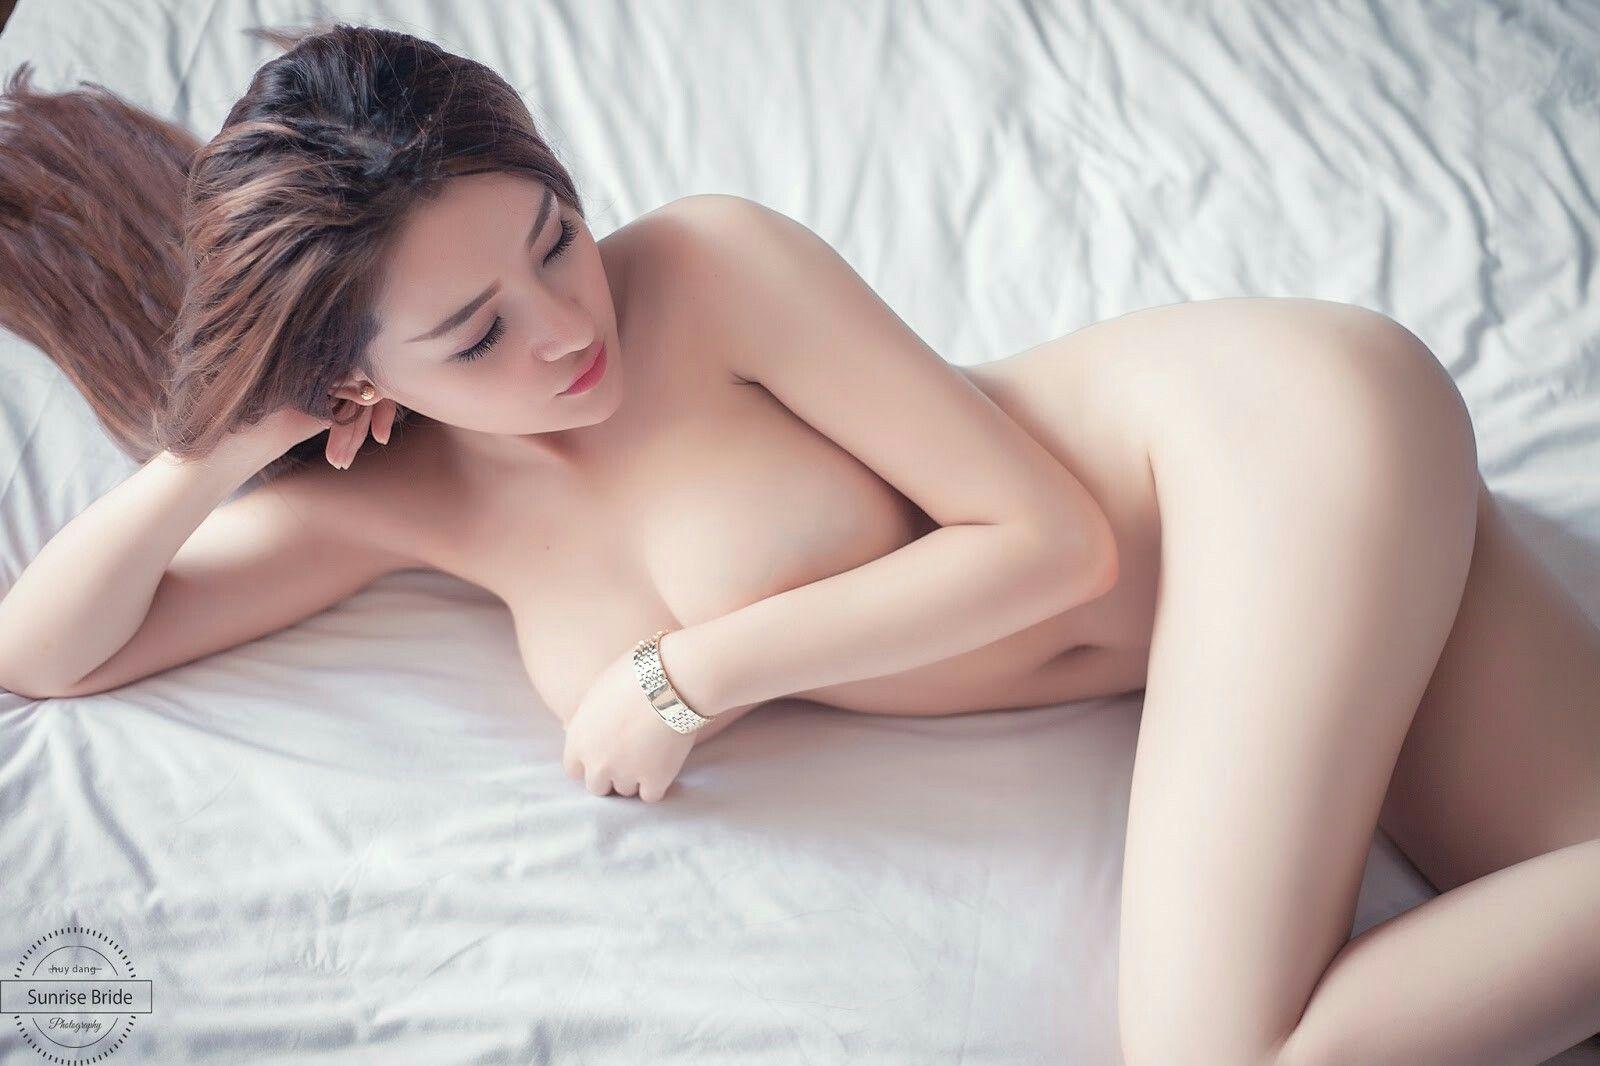 Nake vietnam girl #15